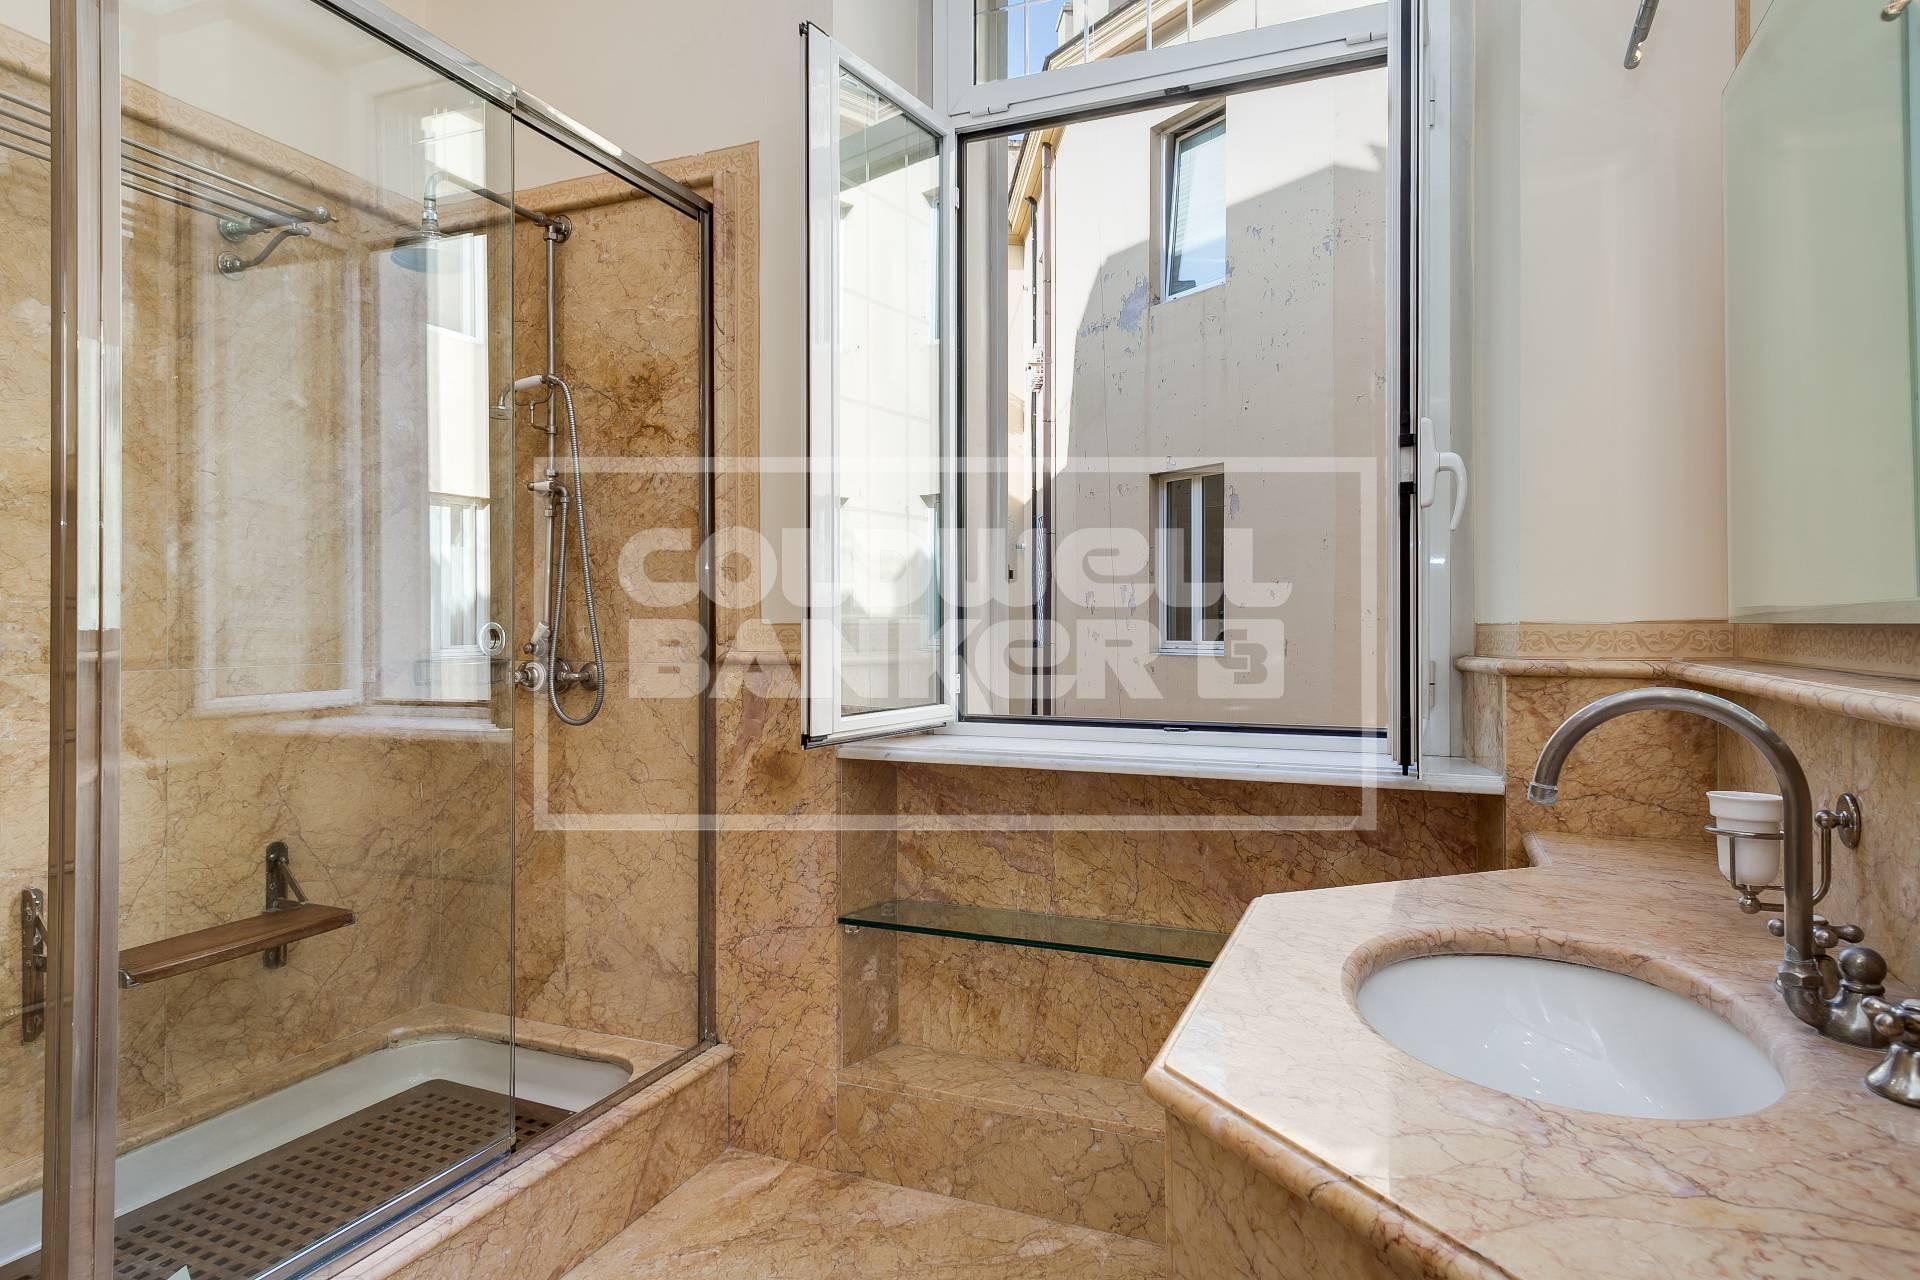 Cbi100 43515vk appartamento in affitto a roma prati for Affitto roma prati